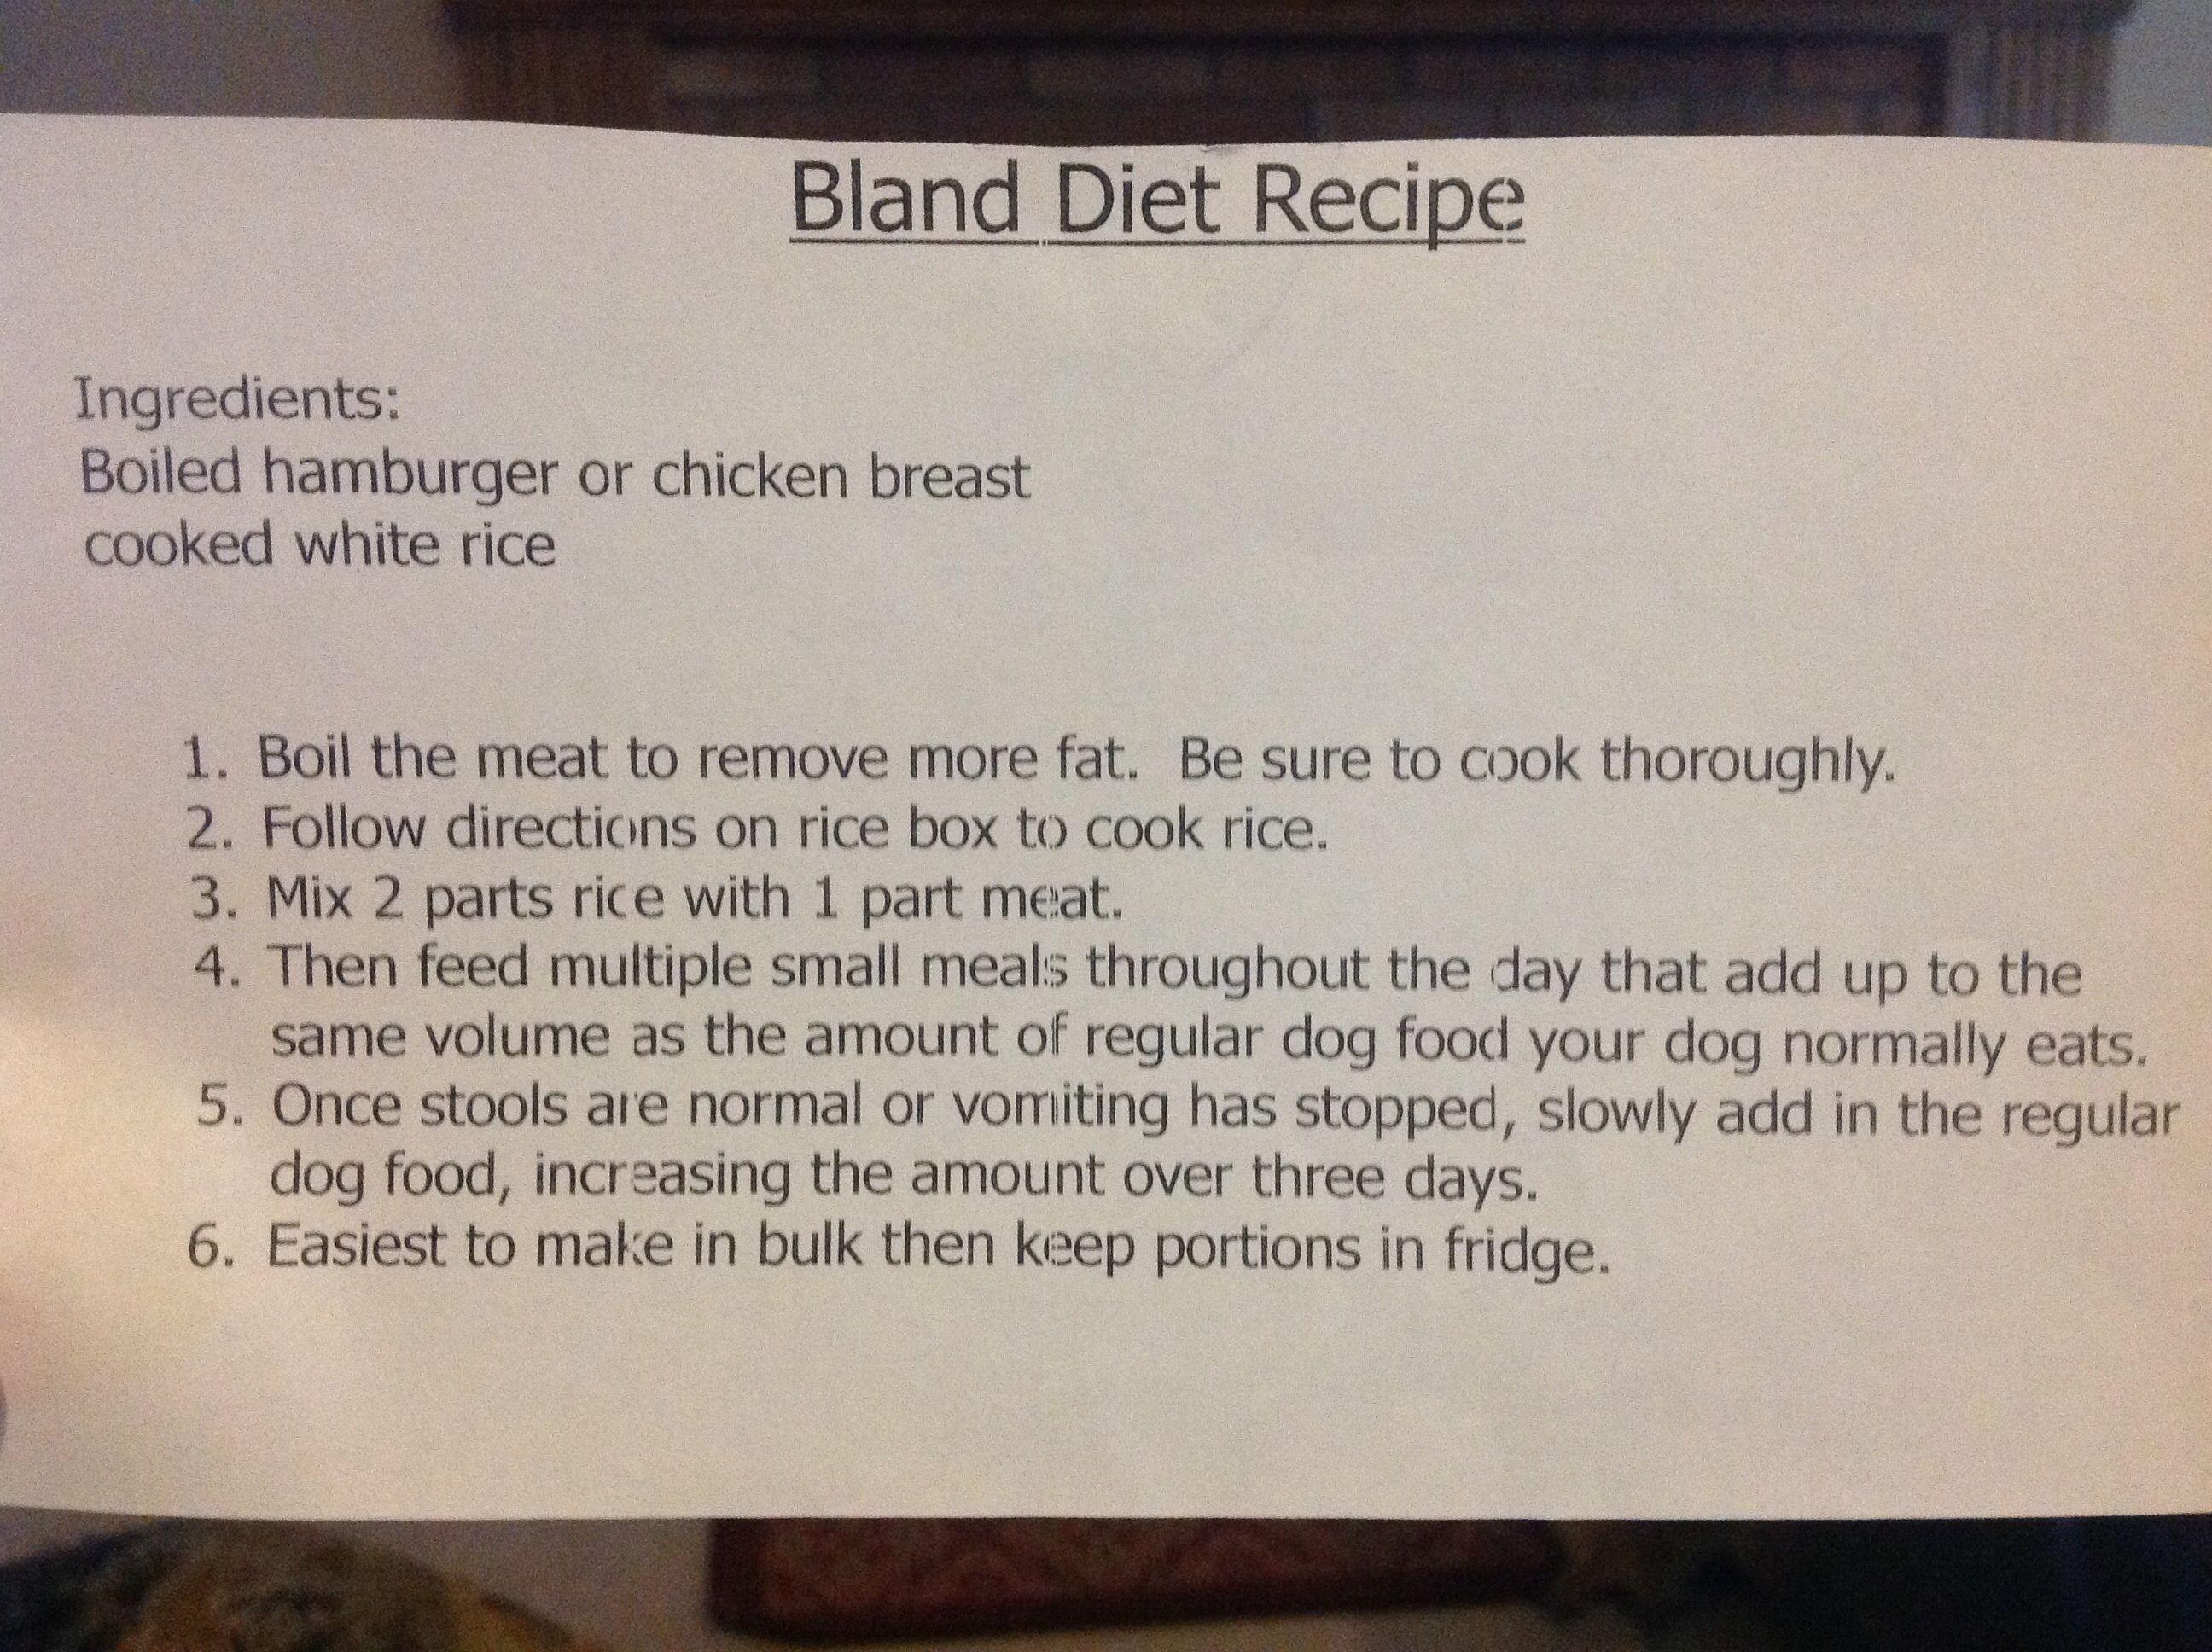 dog bland diet recipe